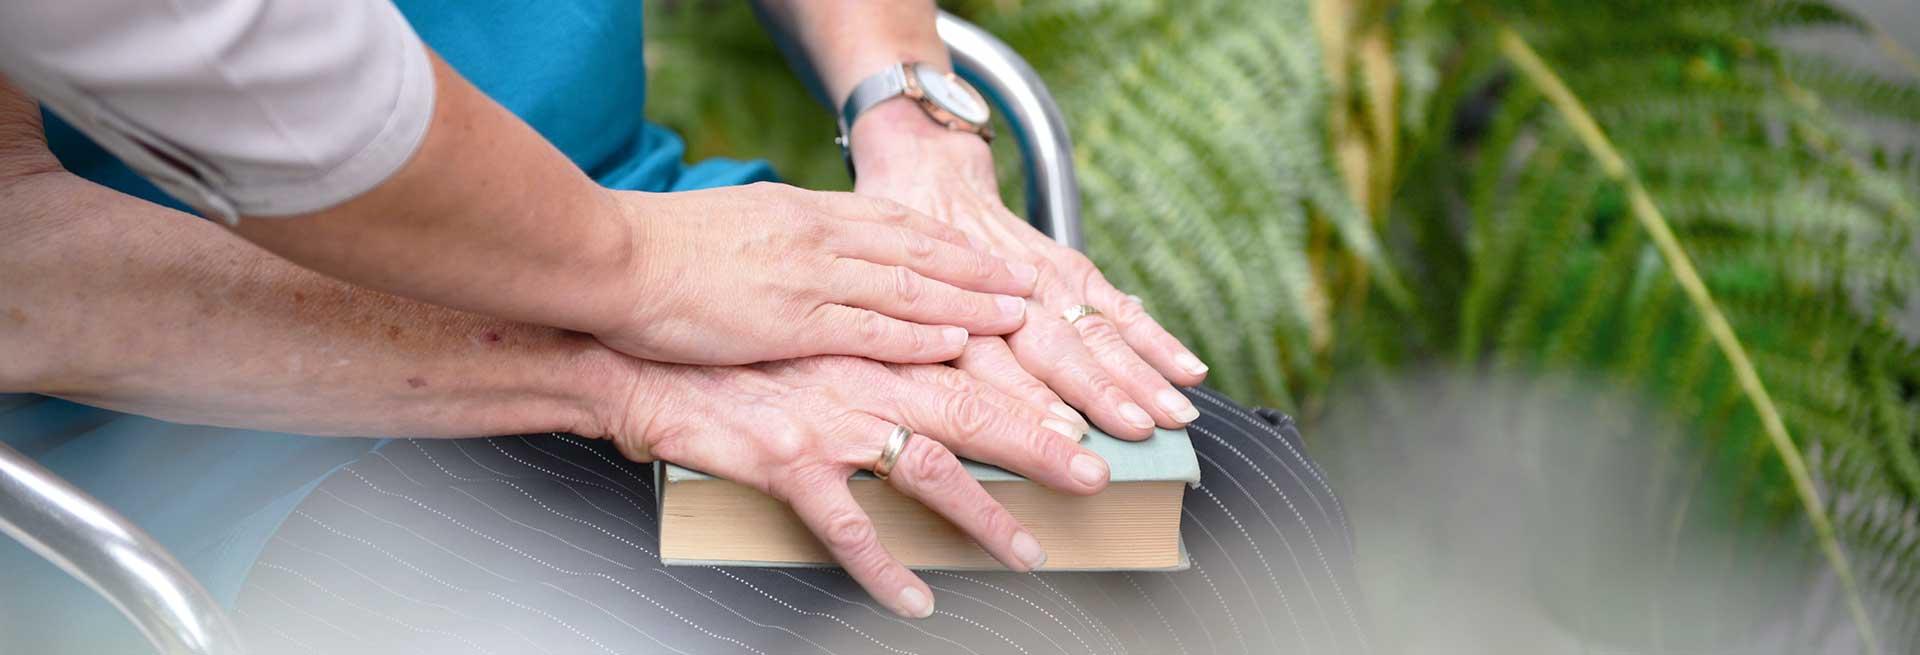 Pflegedienst am Grunewald Leistungen